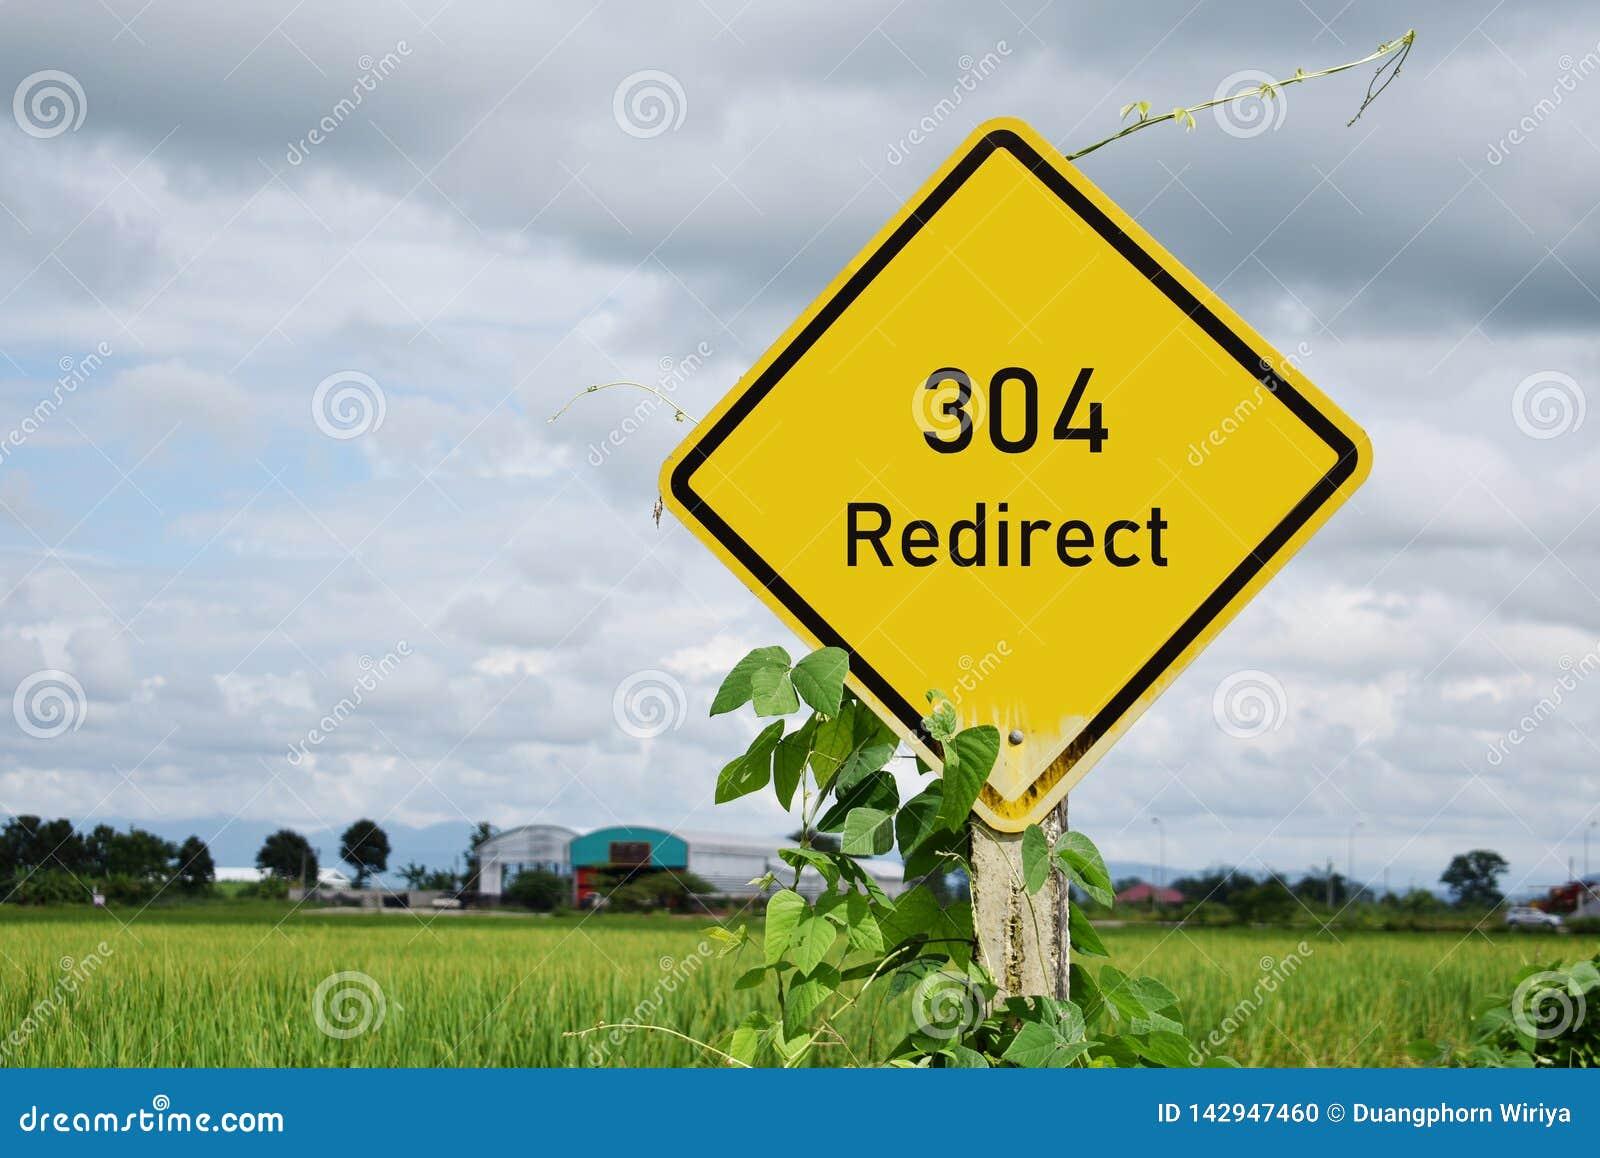 304 Redirect znaka ulicznego i rices pole w tle